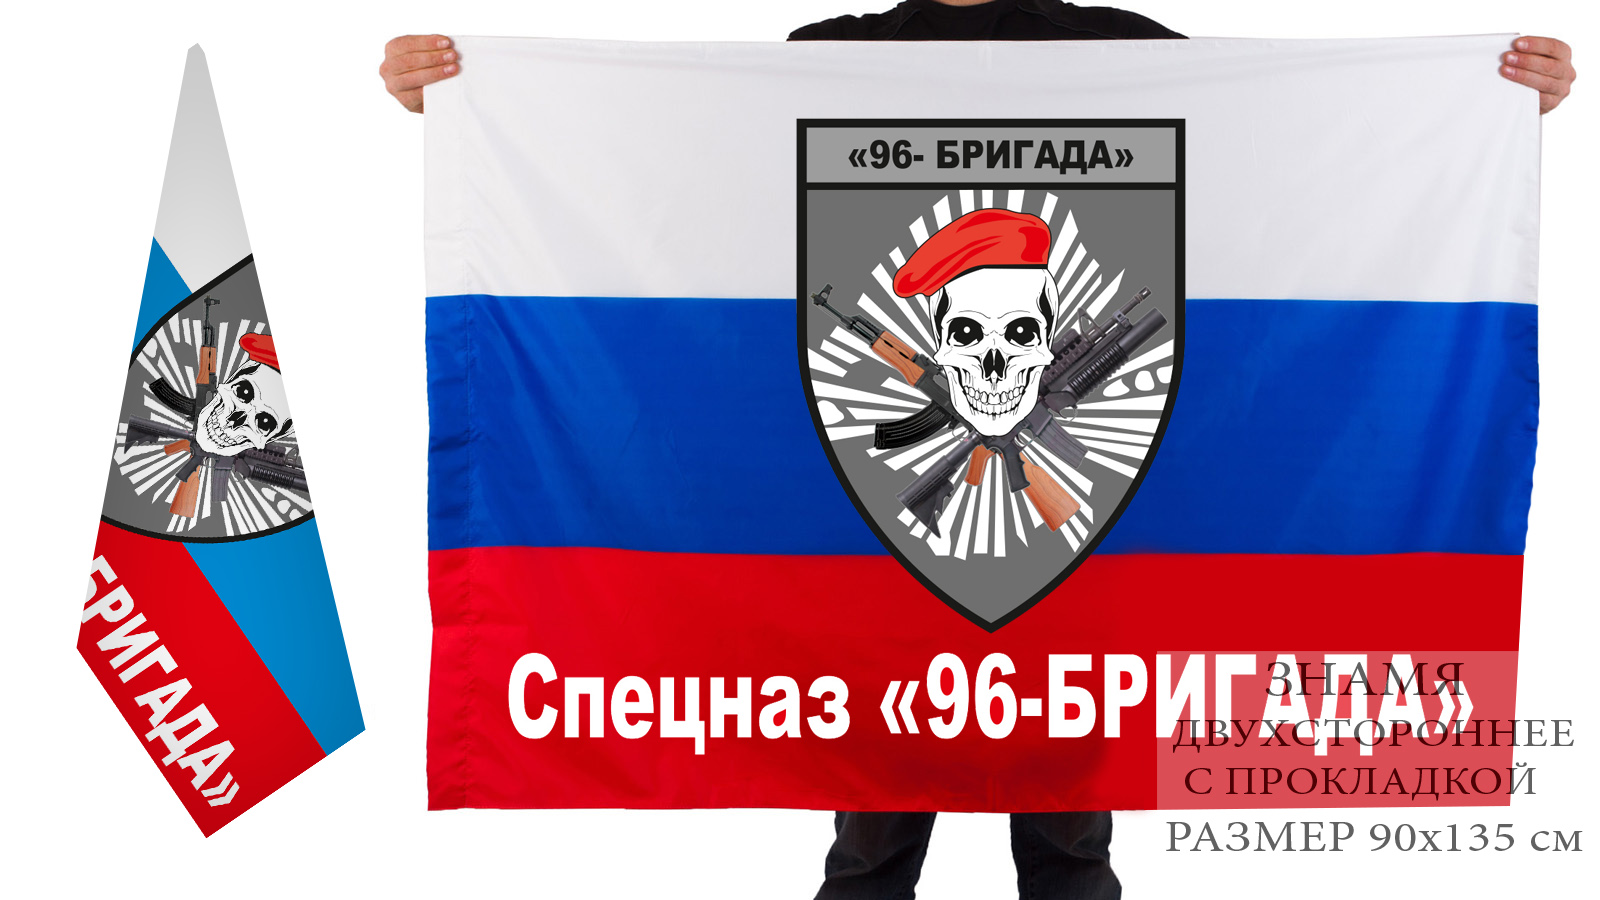 Двусторонний флаг 96 бригады Спецназа Внутренних войск